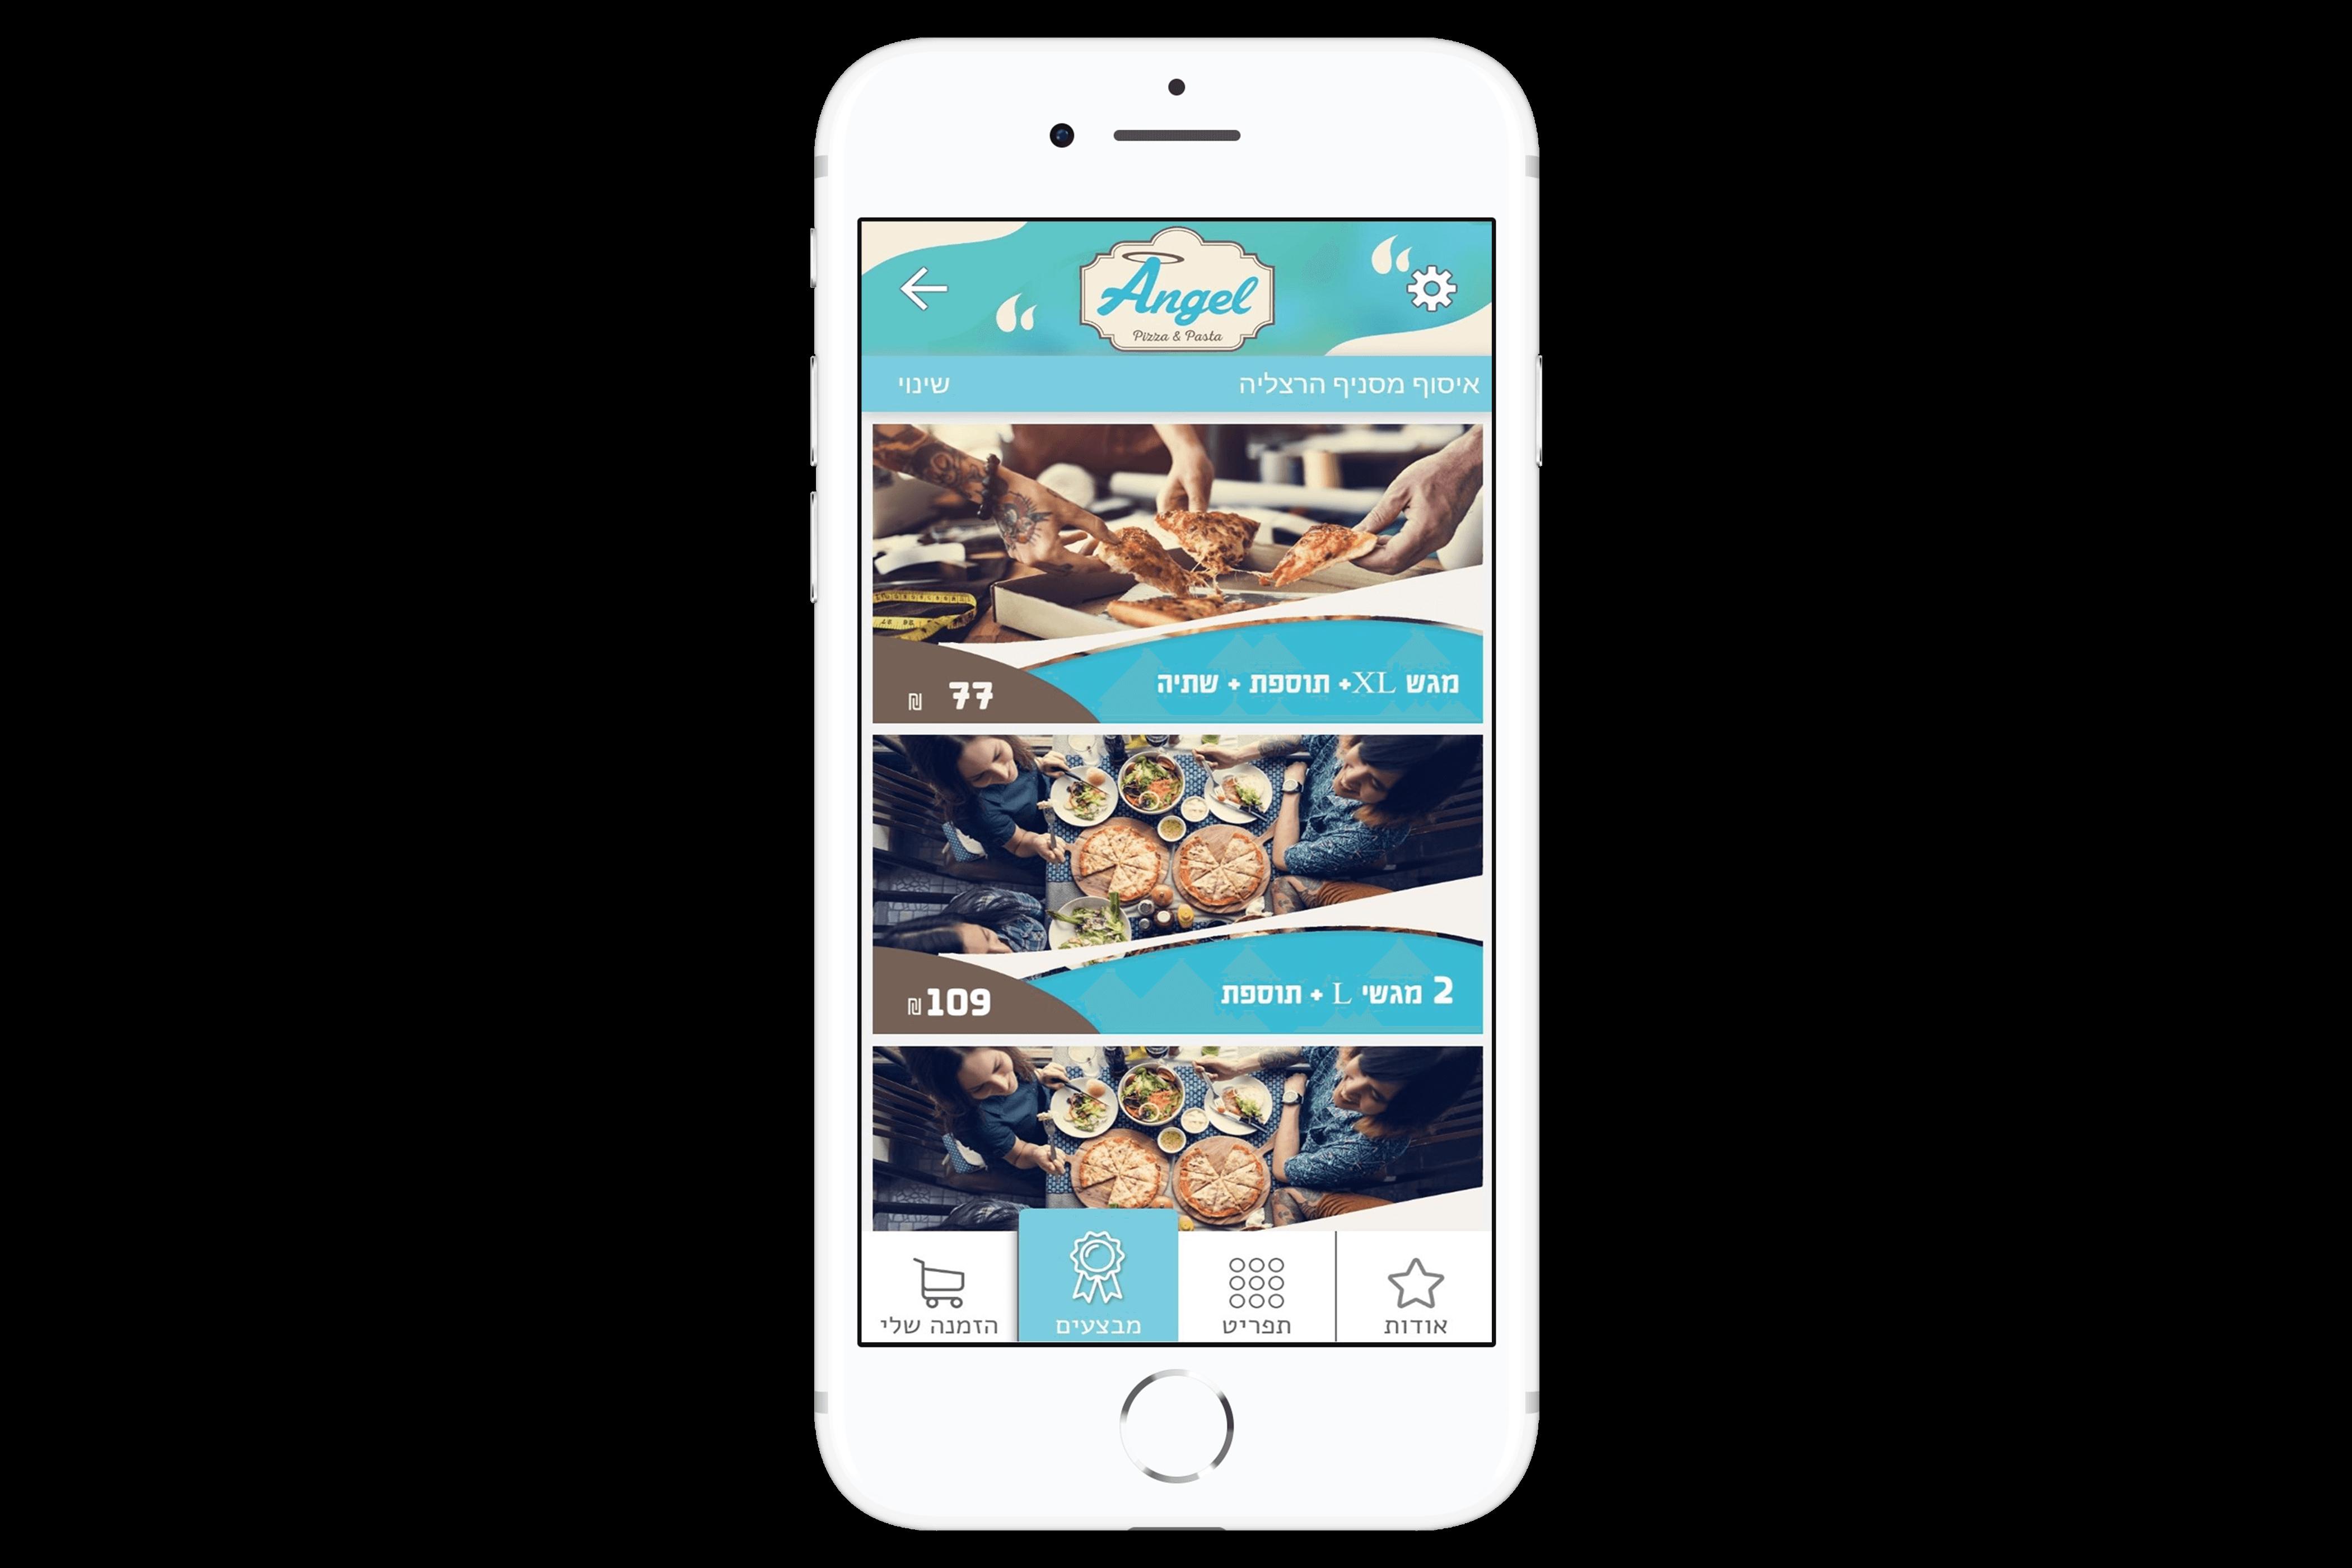 אפליקציית הזמנות של פיצה אנג'ל מבין הלקוחות שלנו